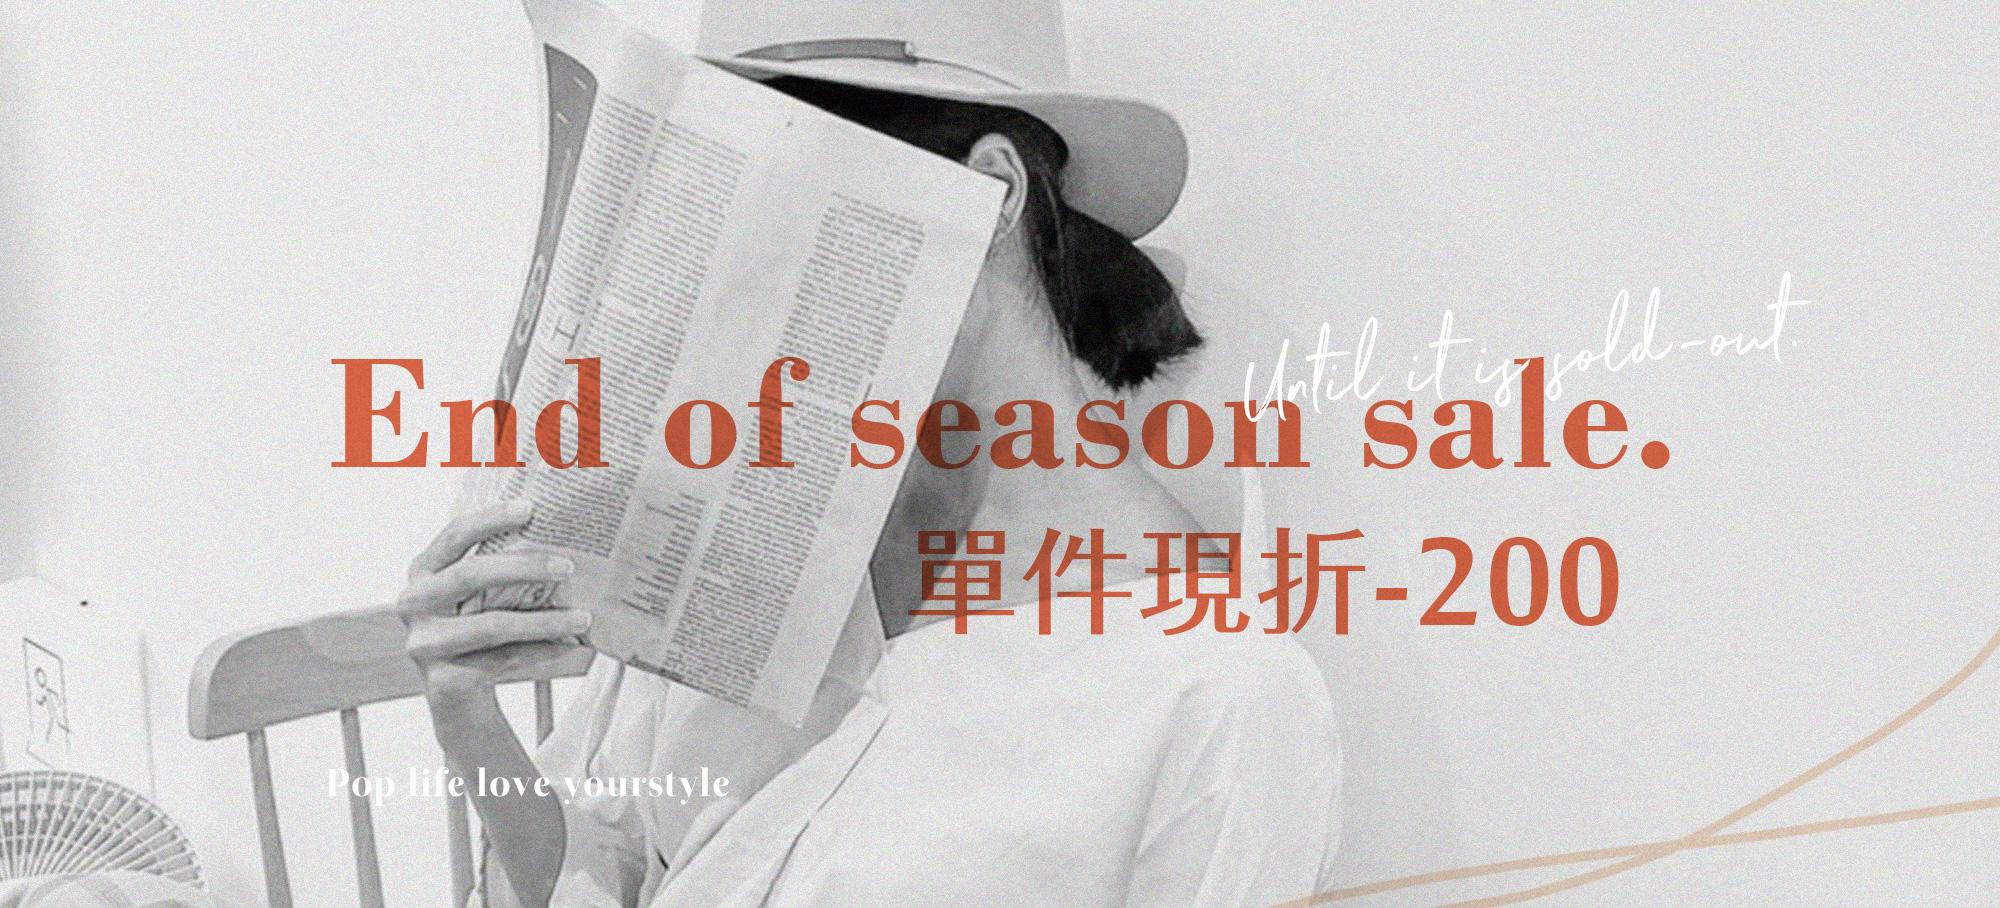 爆米花服飾,春新品,雪紡,五分袖,上班族,POPCORN,MYPOPCORN